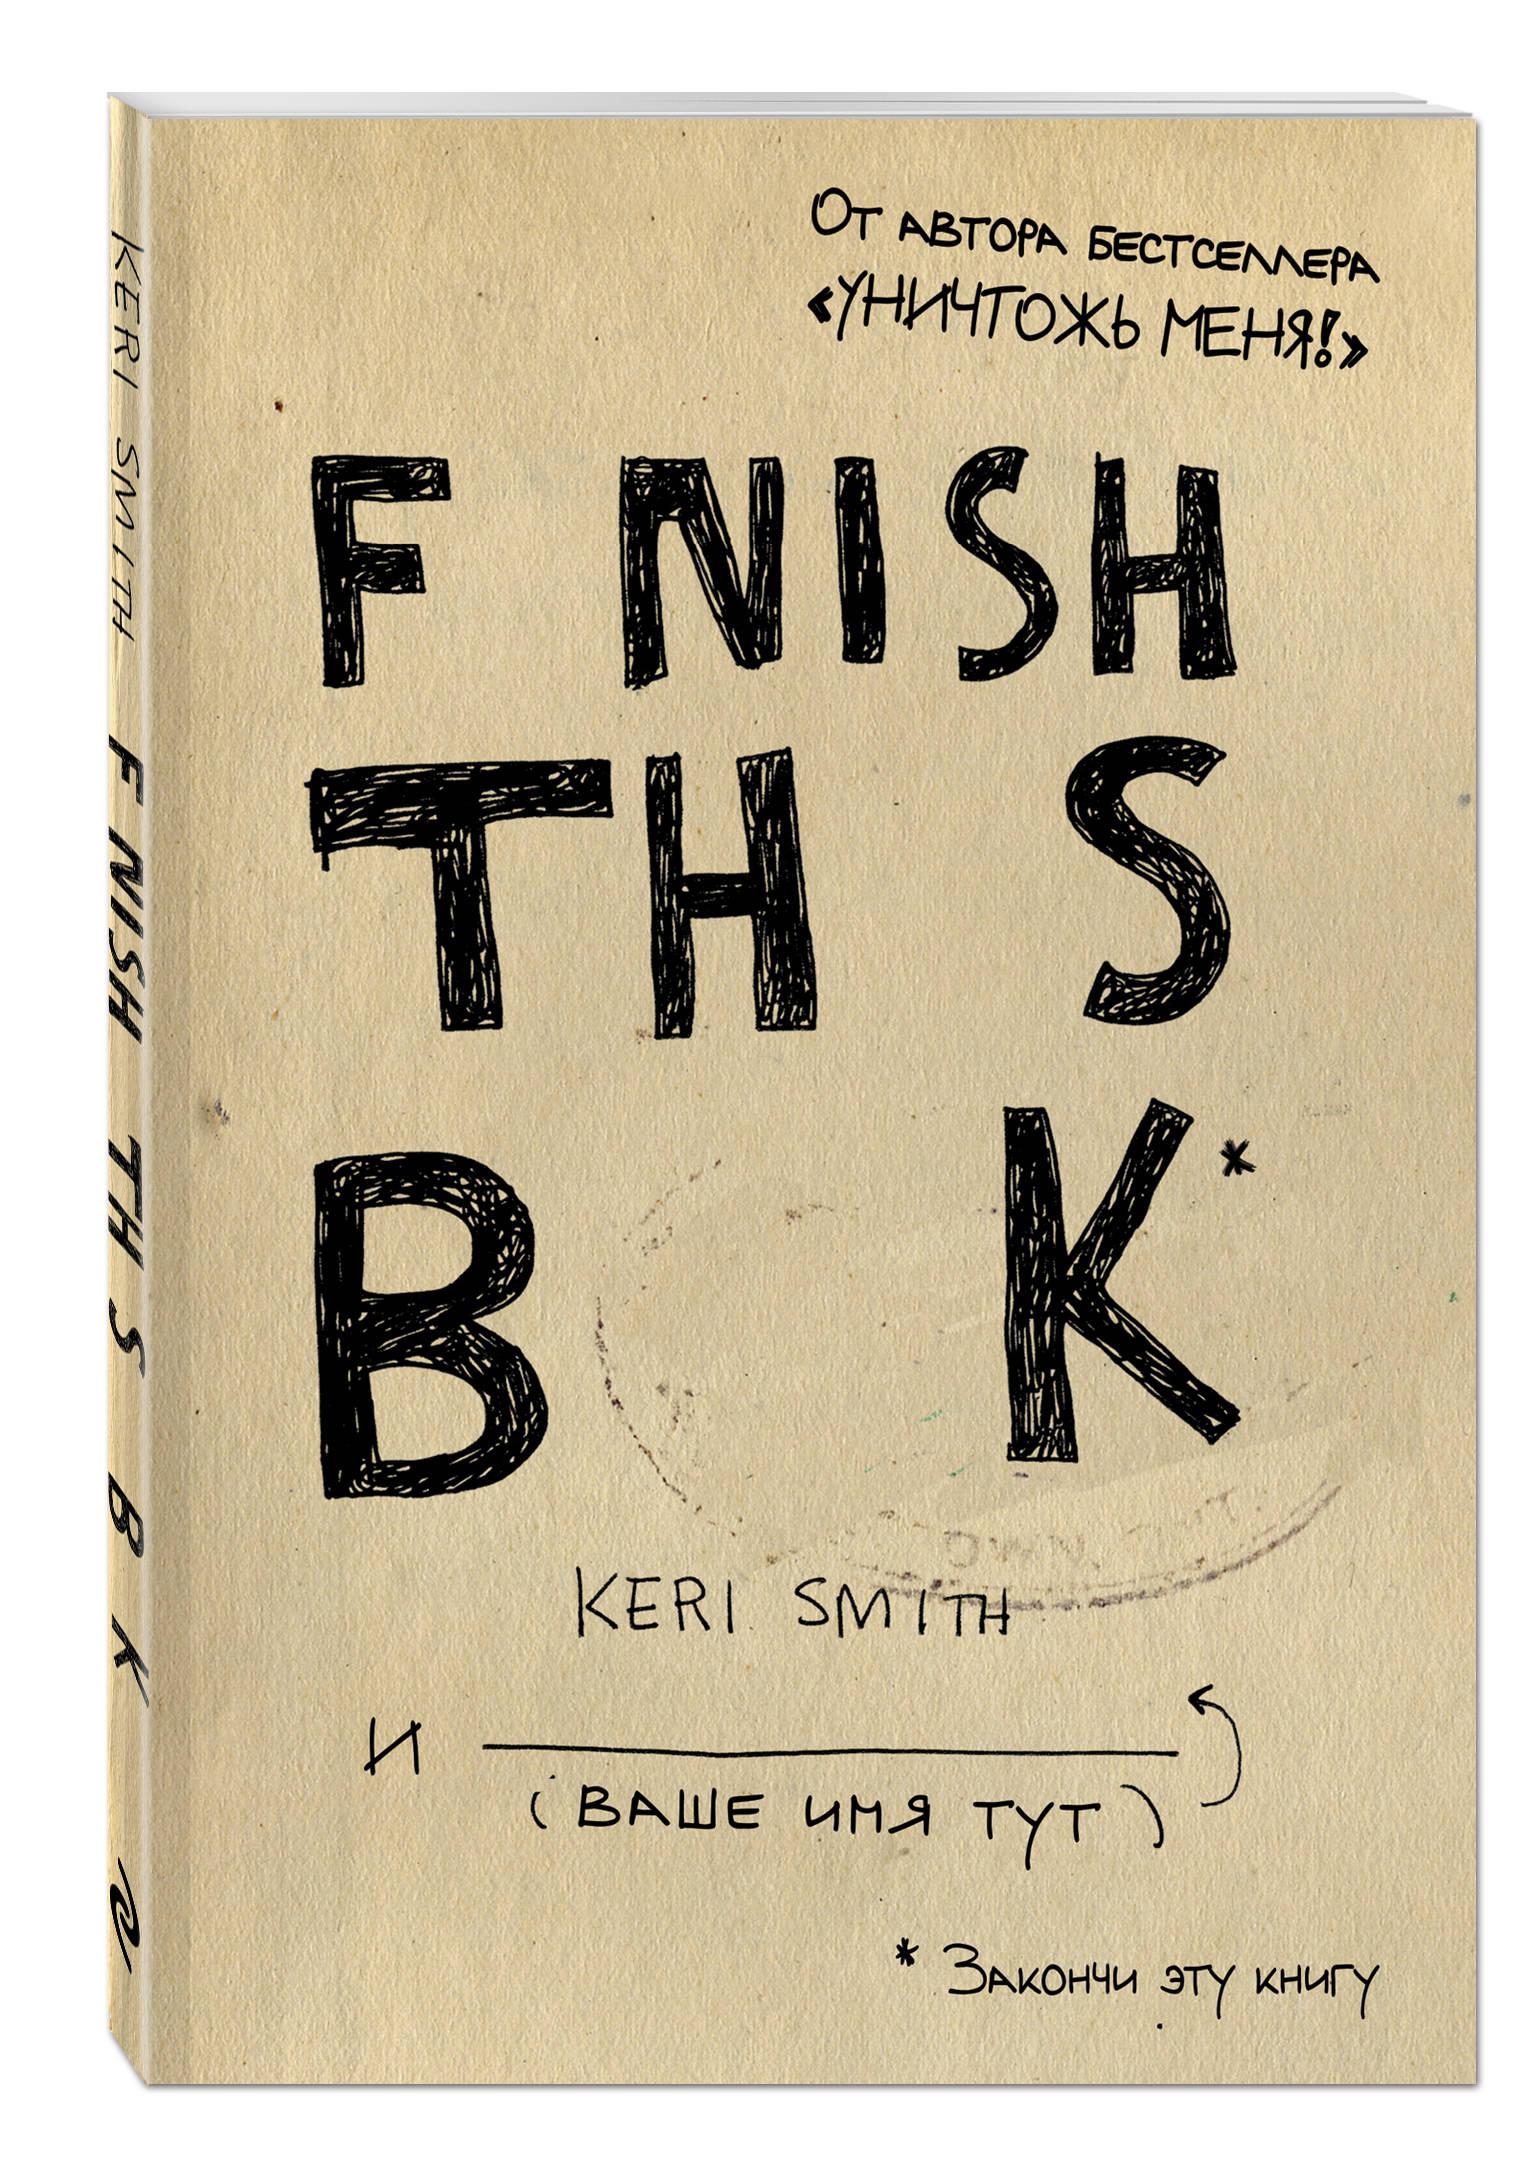 Закончи эту книгу!(англ.название) от book24.ru